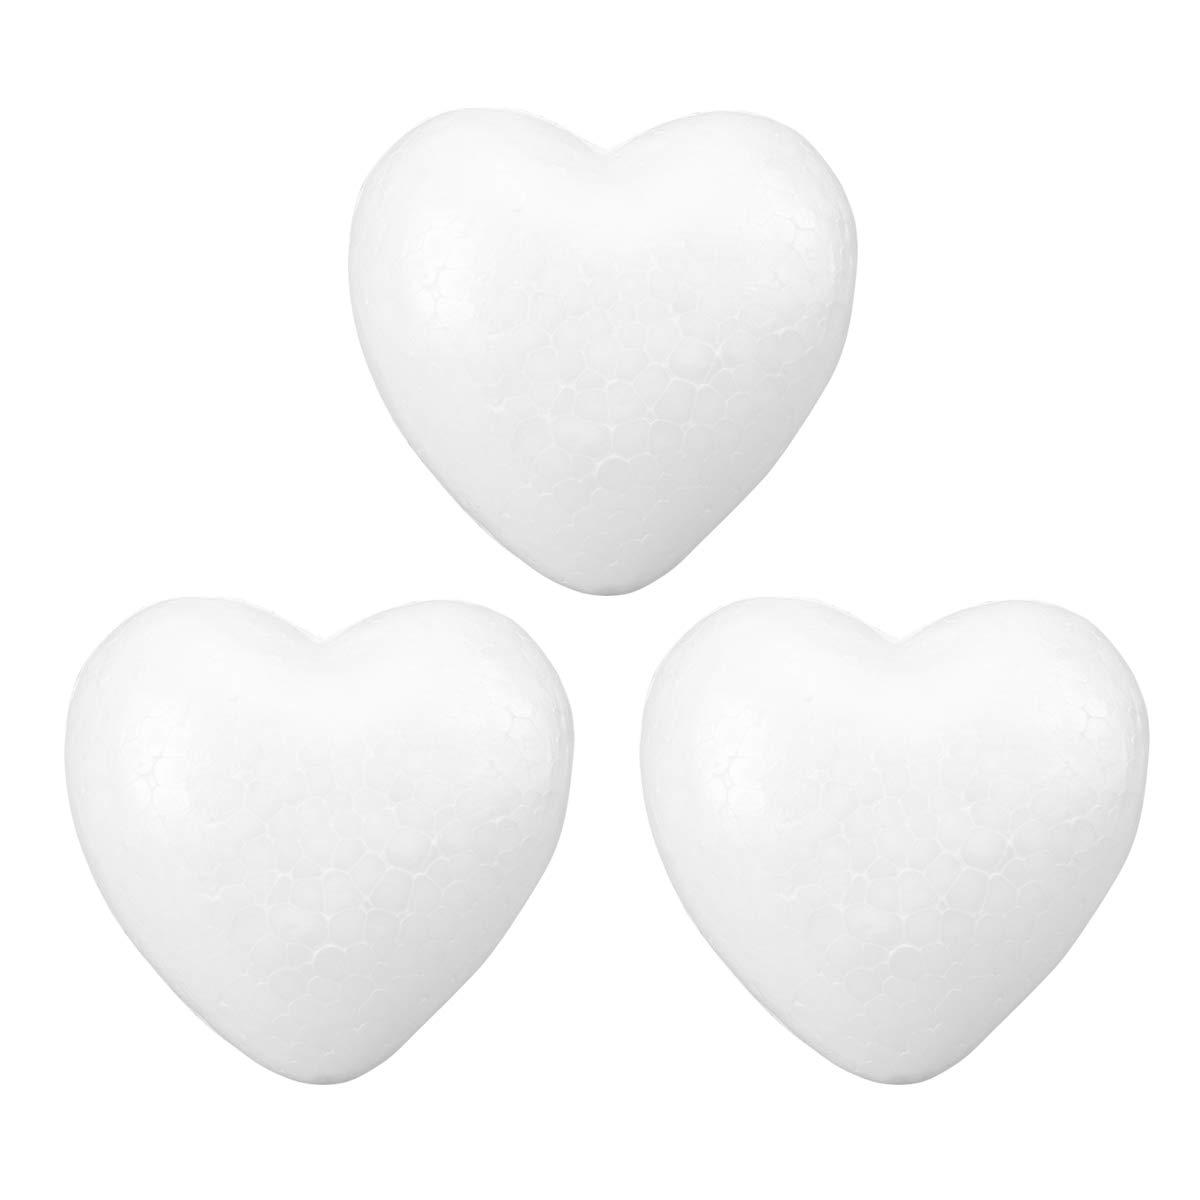 STOBOK 3pcs Mousse de polystyr/ène Mousse de polystyr/ène Artisanat Mousse en Forme de Coeur Moule en Mousse pour lartisanat Bricolage Anniversaire de Mariage Saint Valentin d/écorations 10 cm Blanc